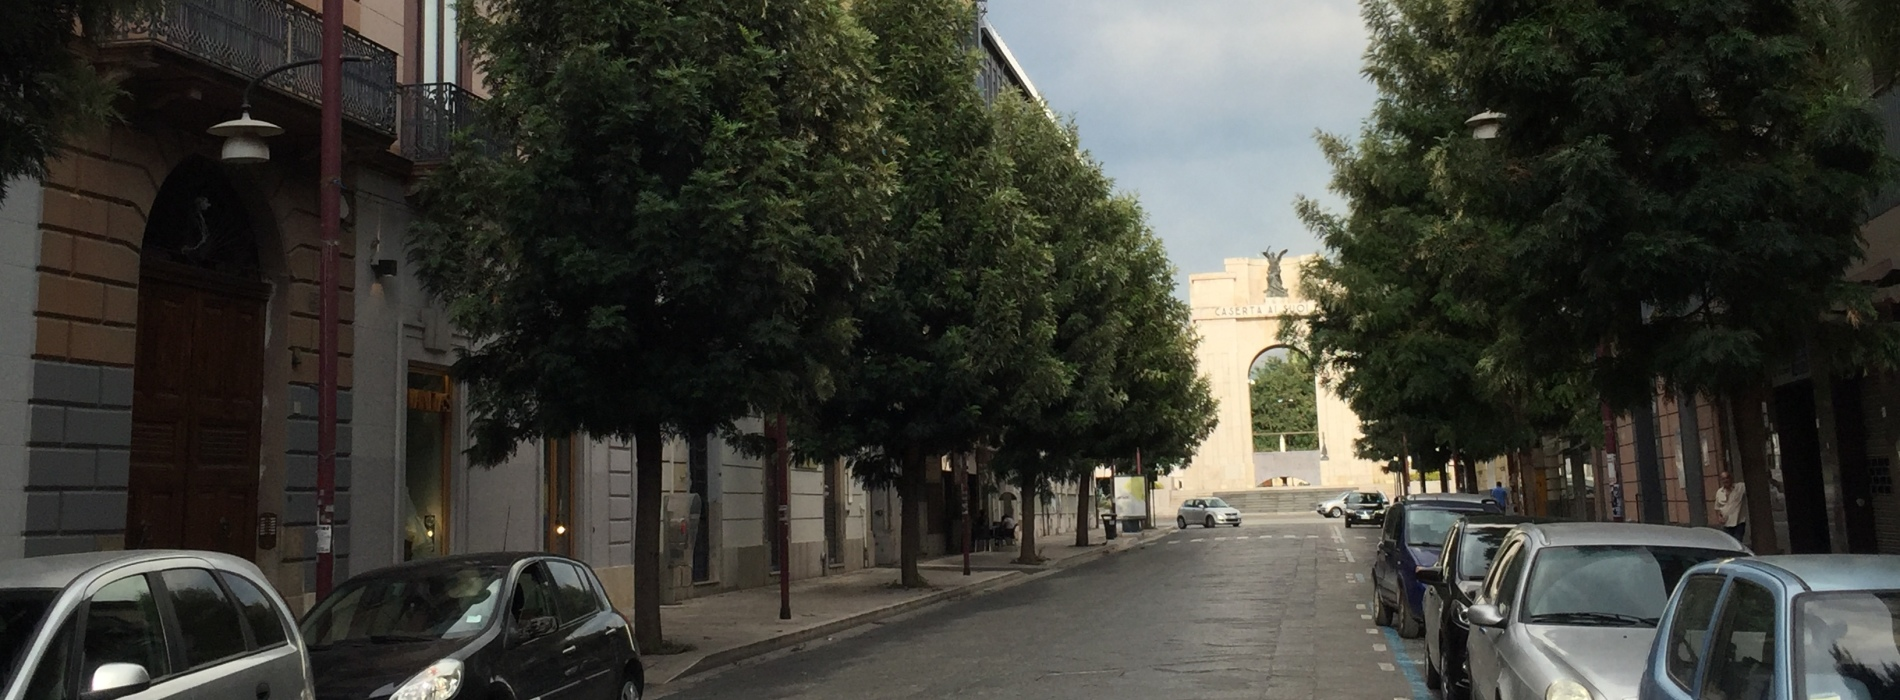 ZTL a Caserta. Il Coasca chiede un piano del traffico